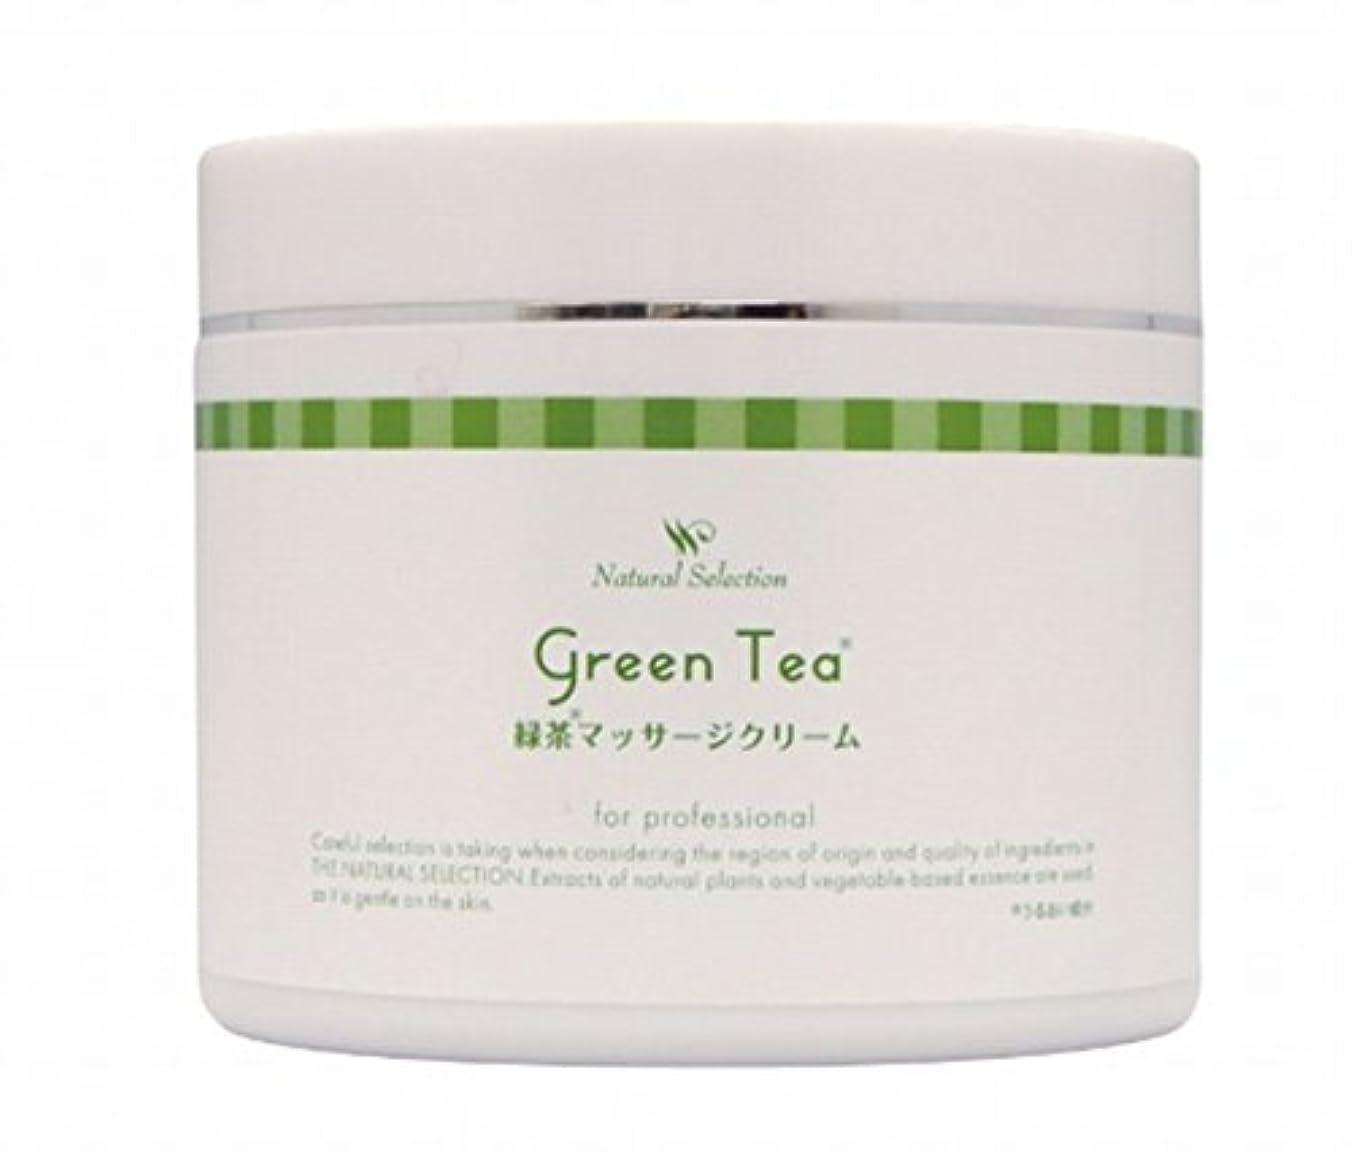 並外れて王室虹緑茶マッサージクリーム(450g)【フットマッサージ】足もみクリーム 2個セット